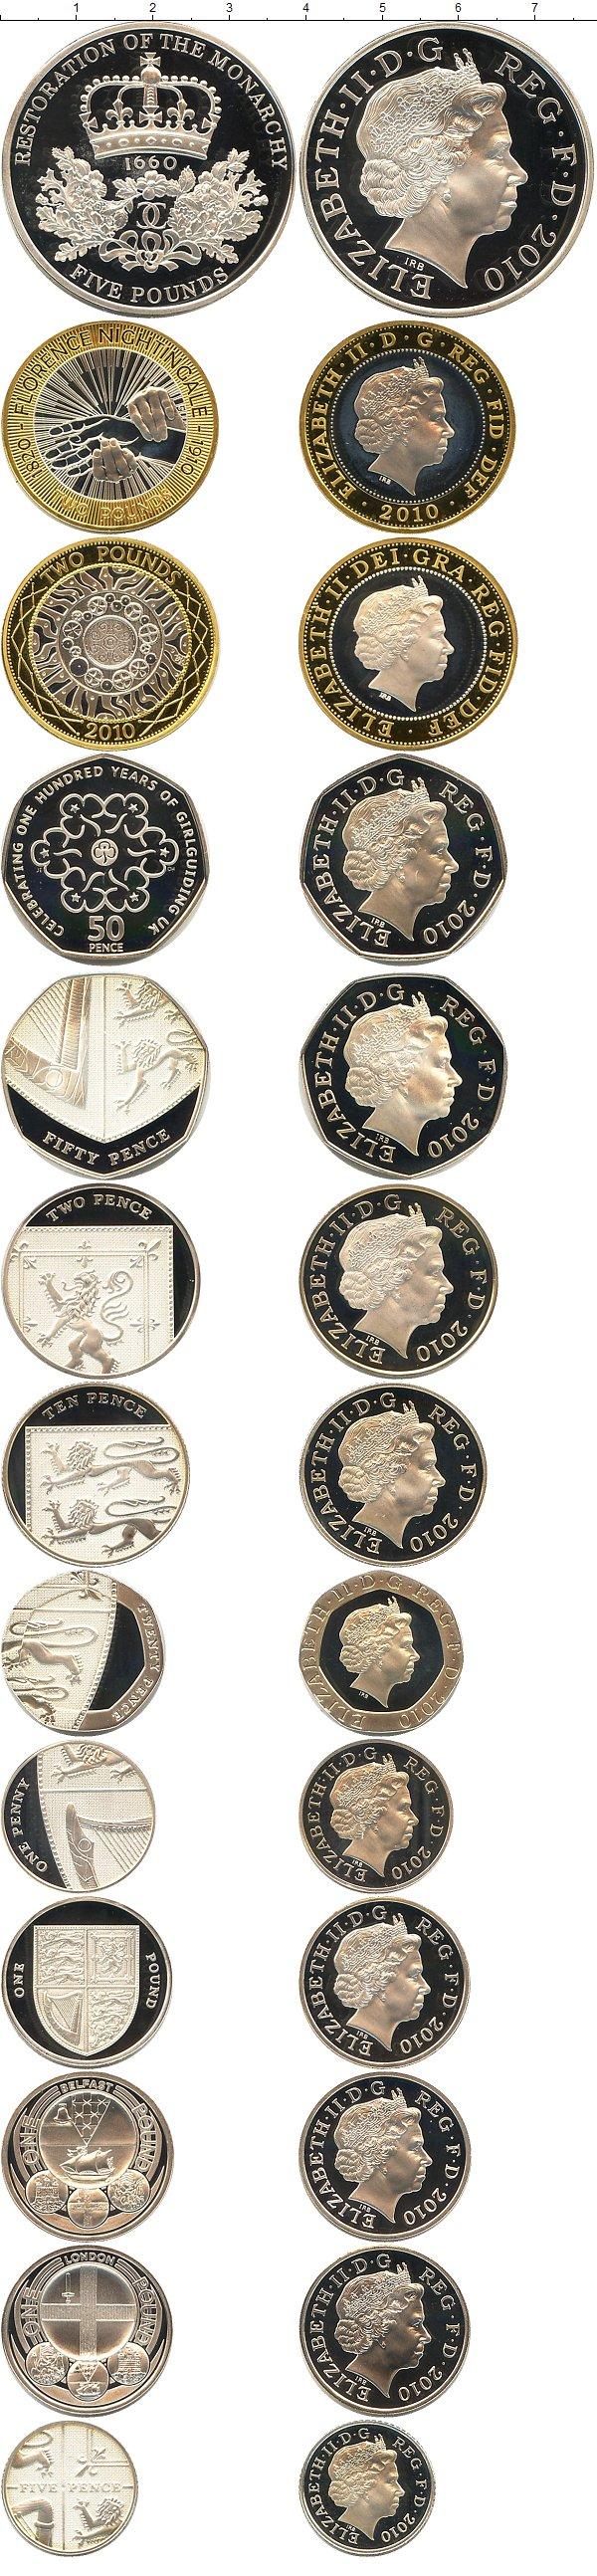 Картинка Подарочные наборы Великобритания Выпуск монет 2010 Серебро 2010